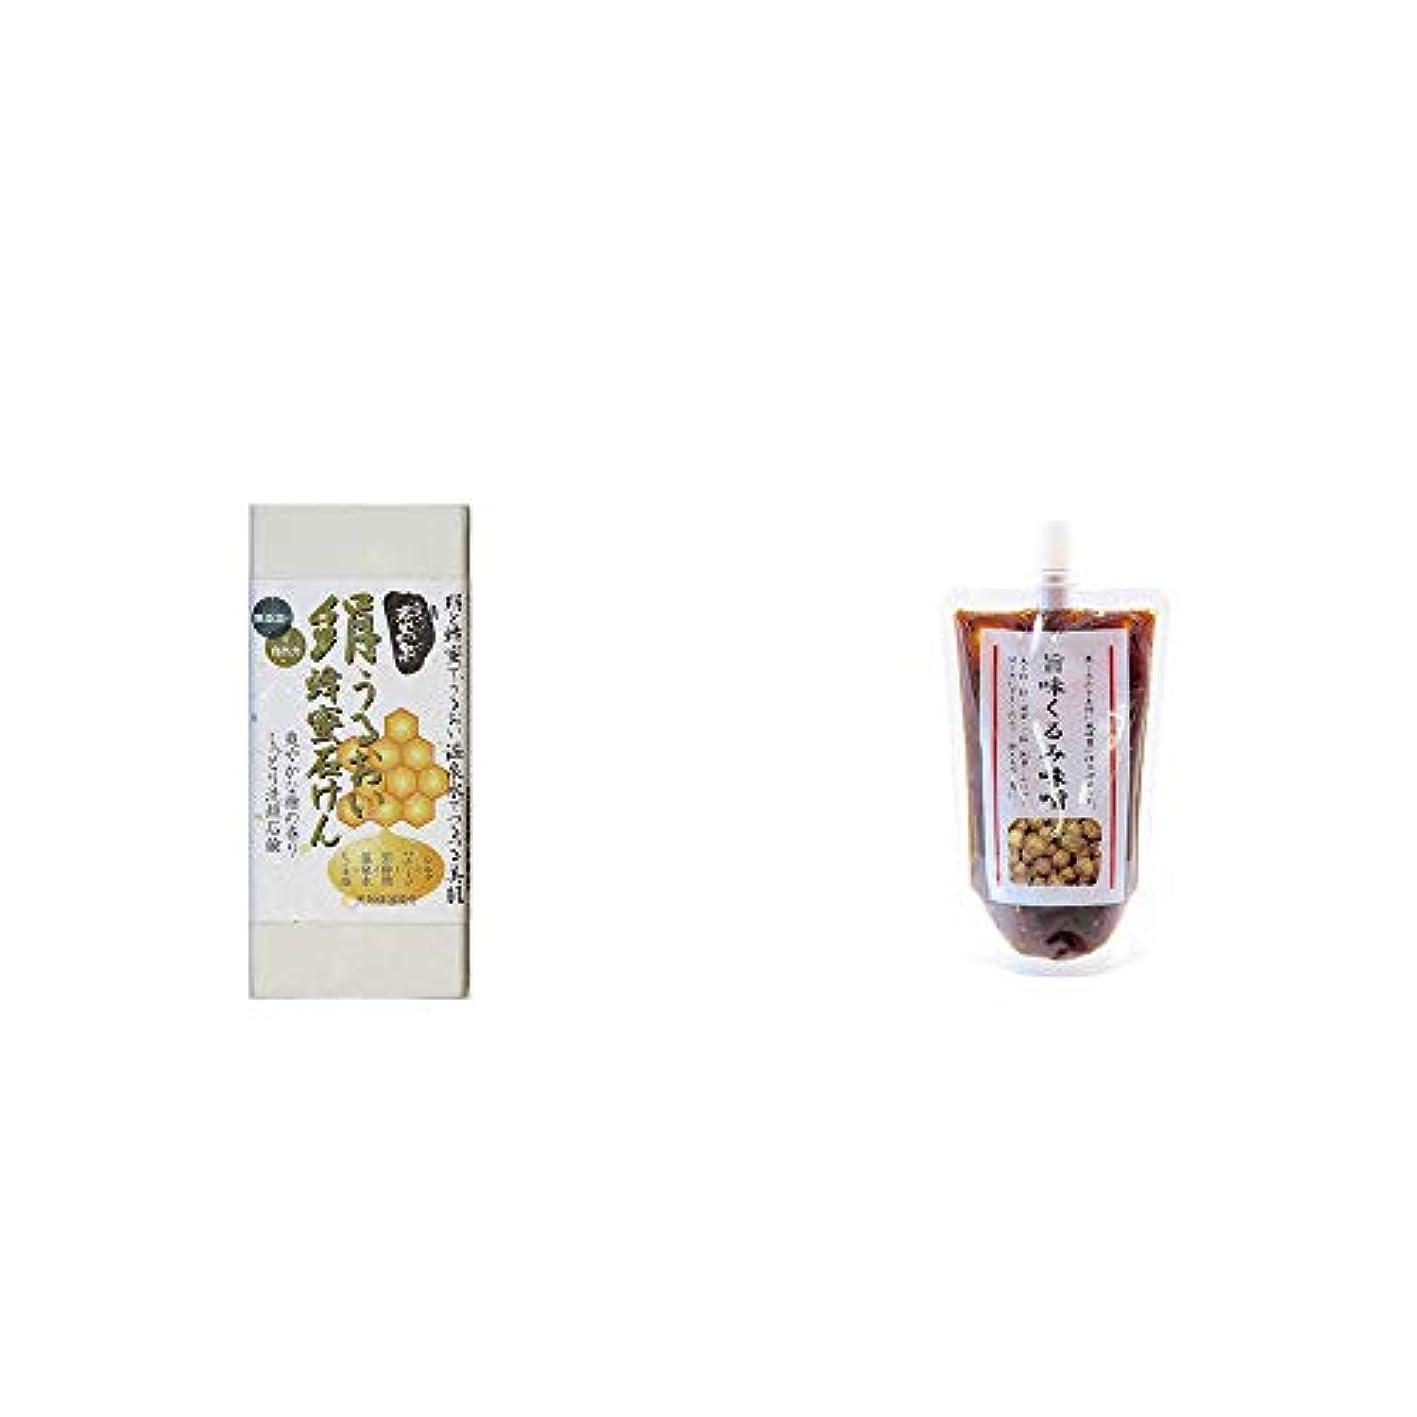 [2点セット] ひのき炭黒泉 絹うるおい蜂蜜石けん(75g×2)?旨味くるみ味噌(260g)